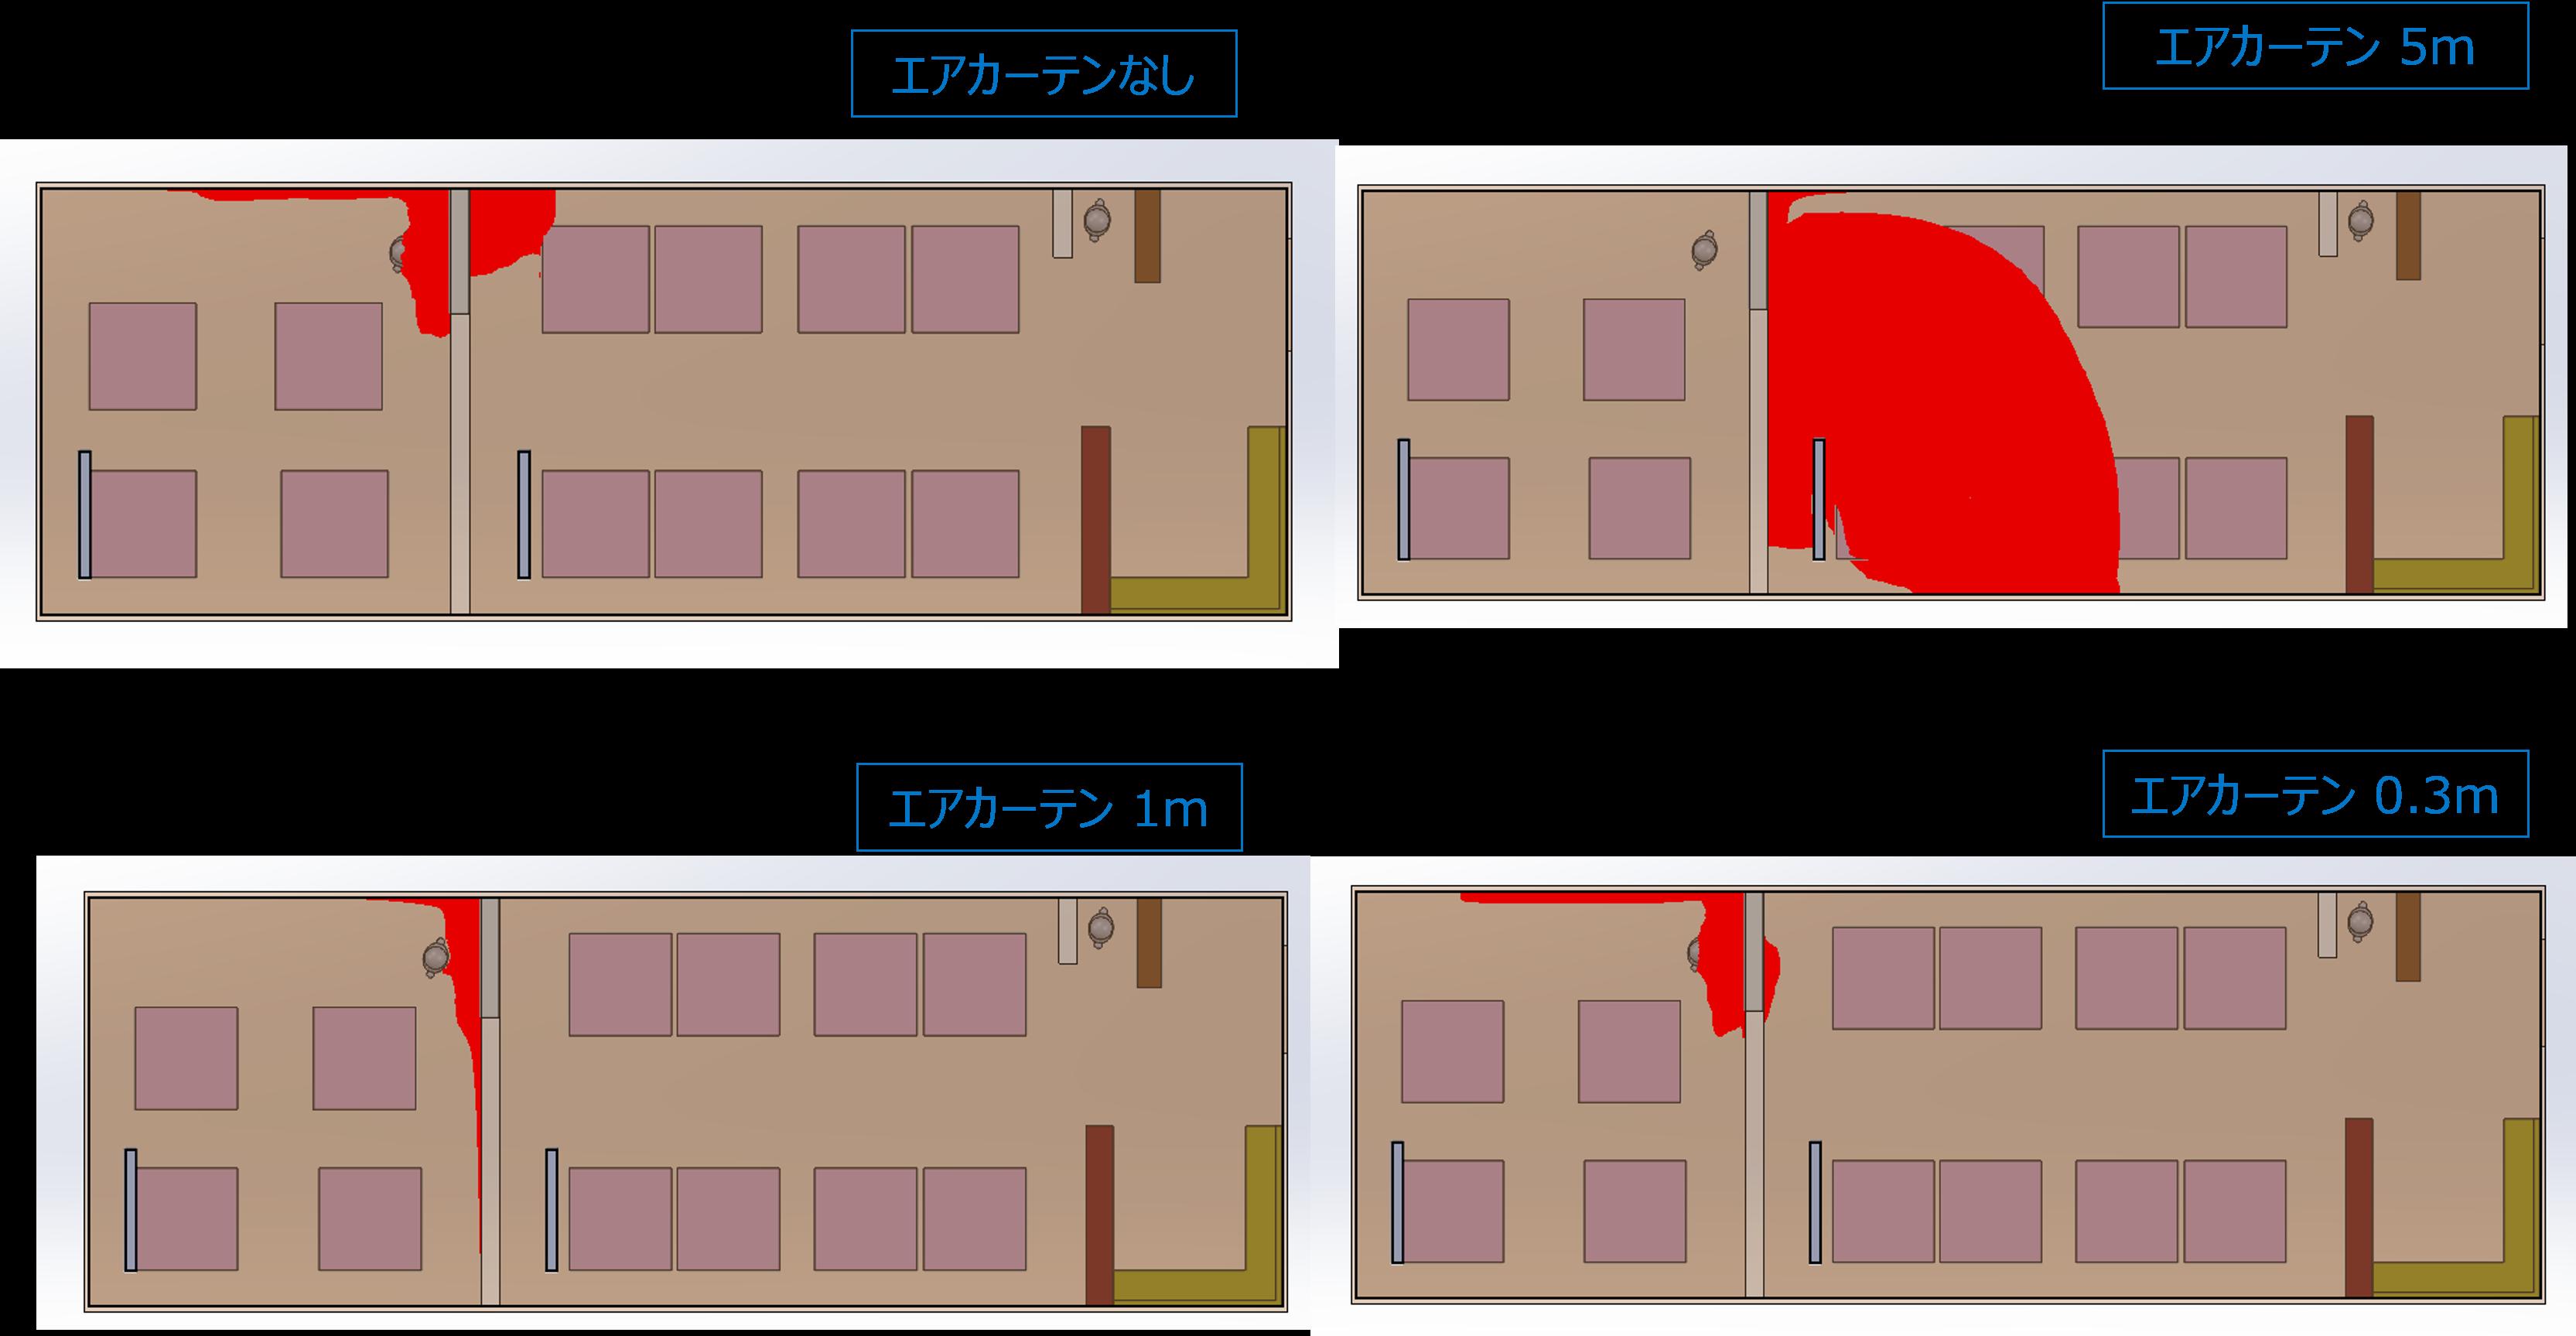 図:トレーサースタディ結果(CO濃度1%の場所) 左上:カーテンなし、右上:エアカーテン5m 左下:エアカーテン1m、右下:エアカーテン0.3m